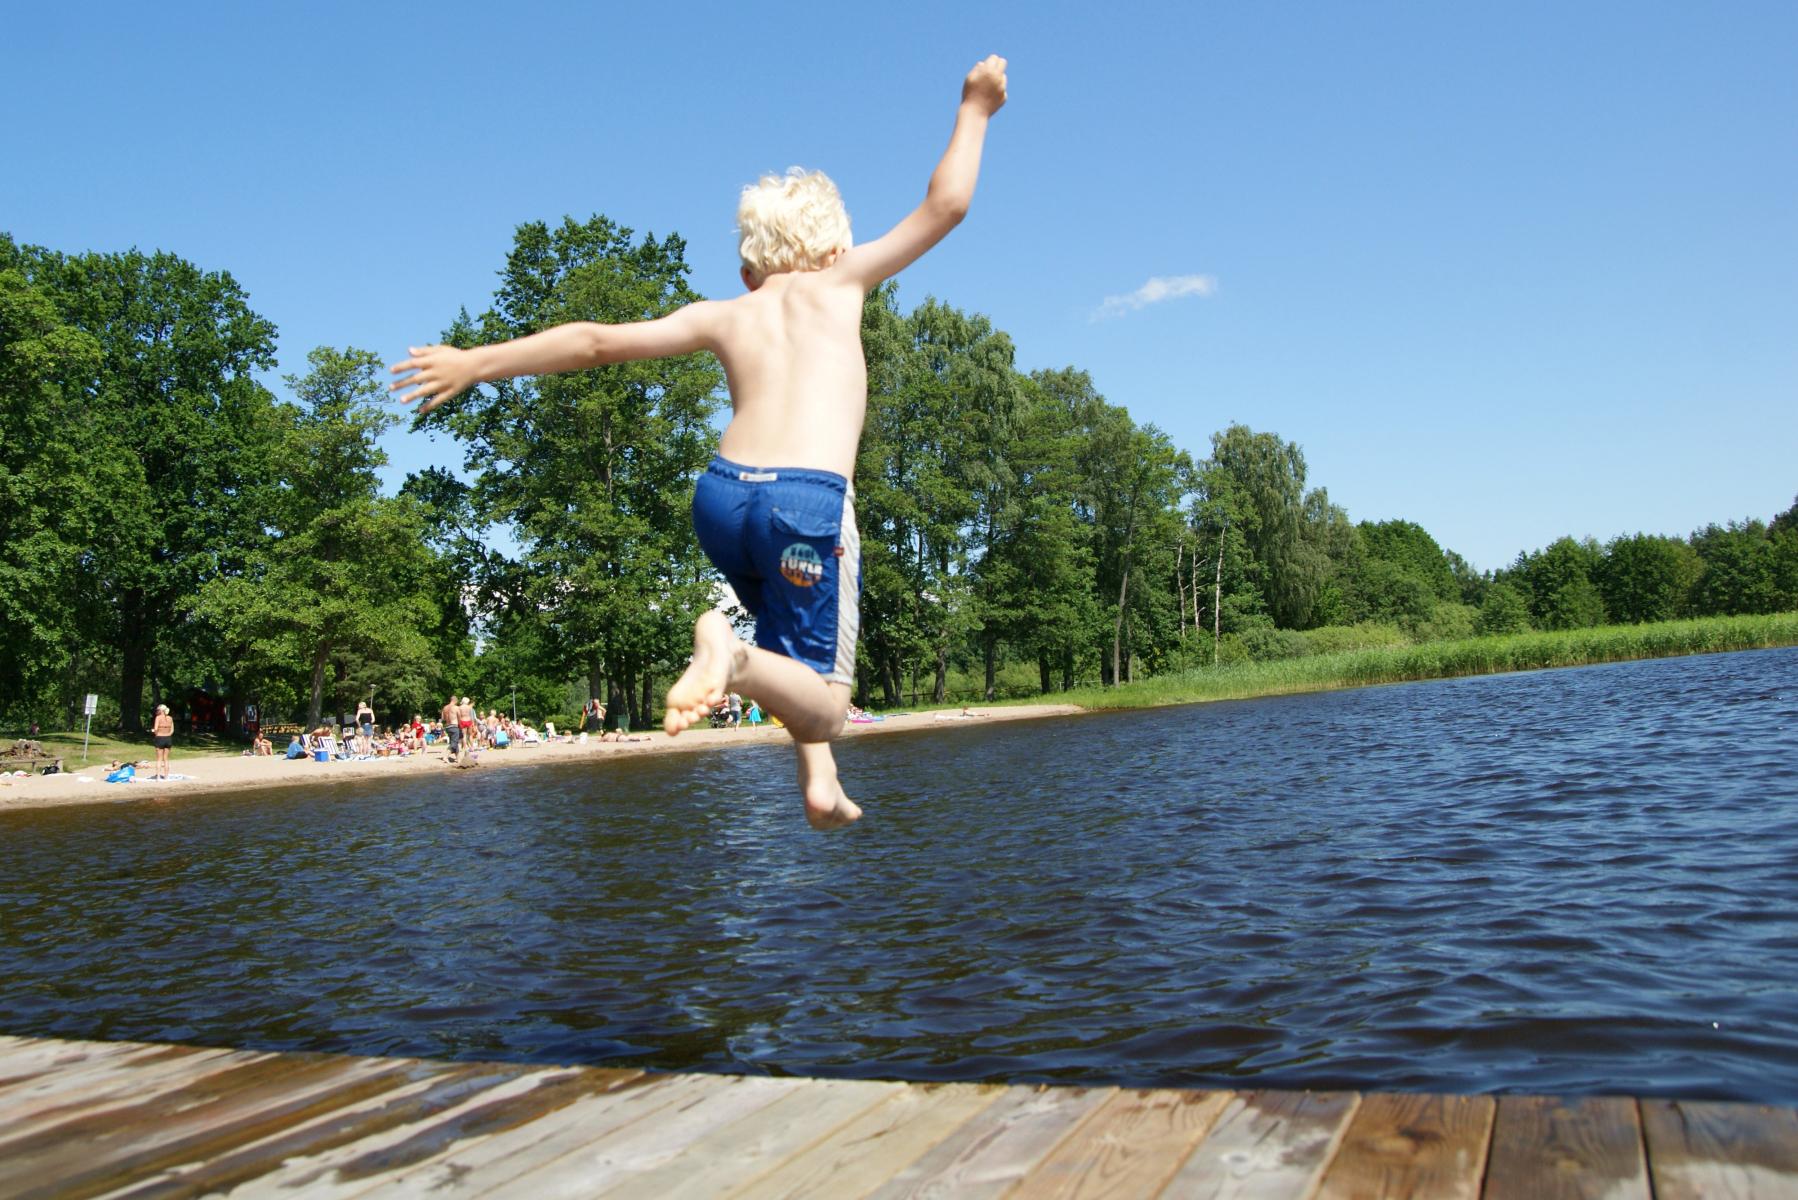 Wassersport auf dem Stausee